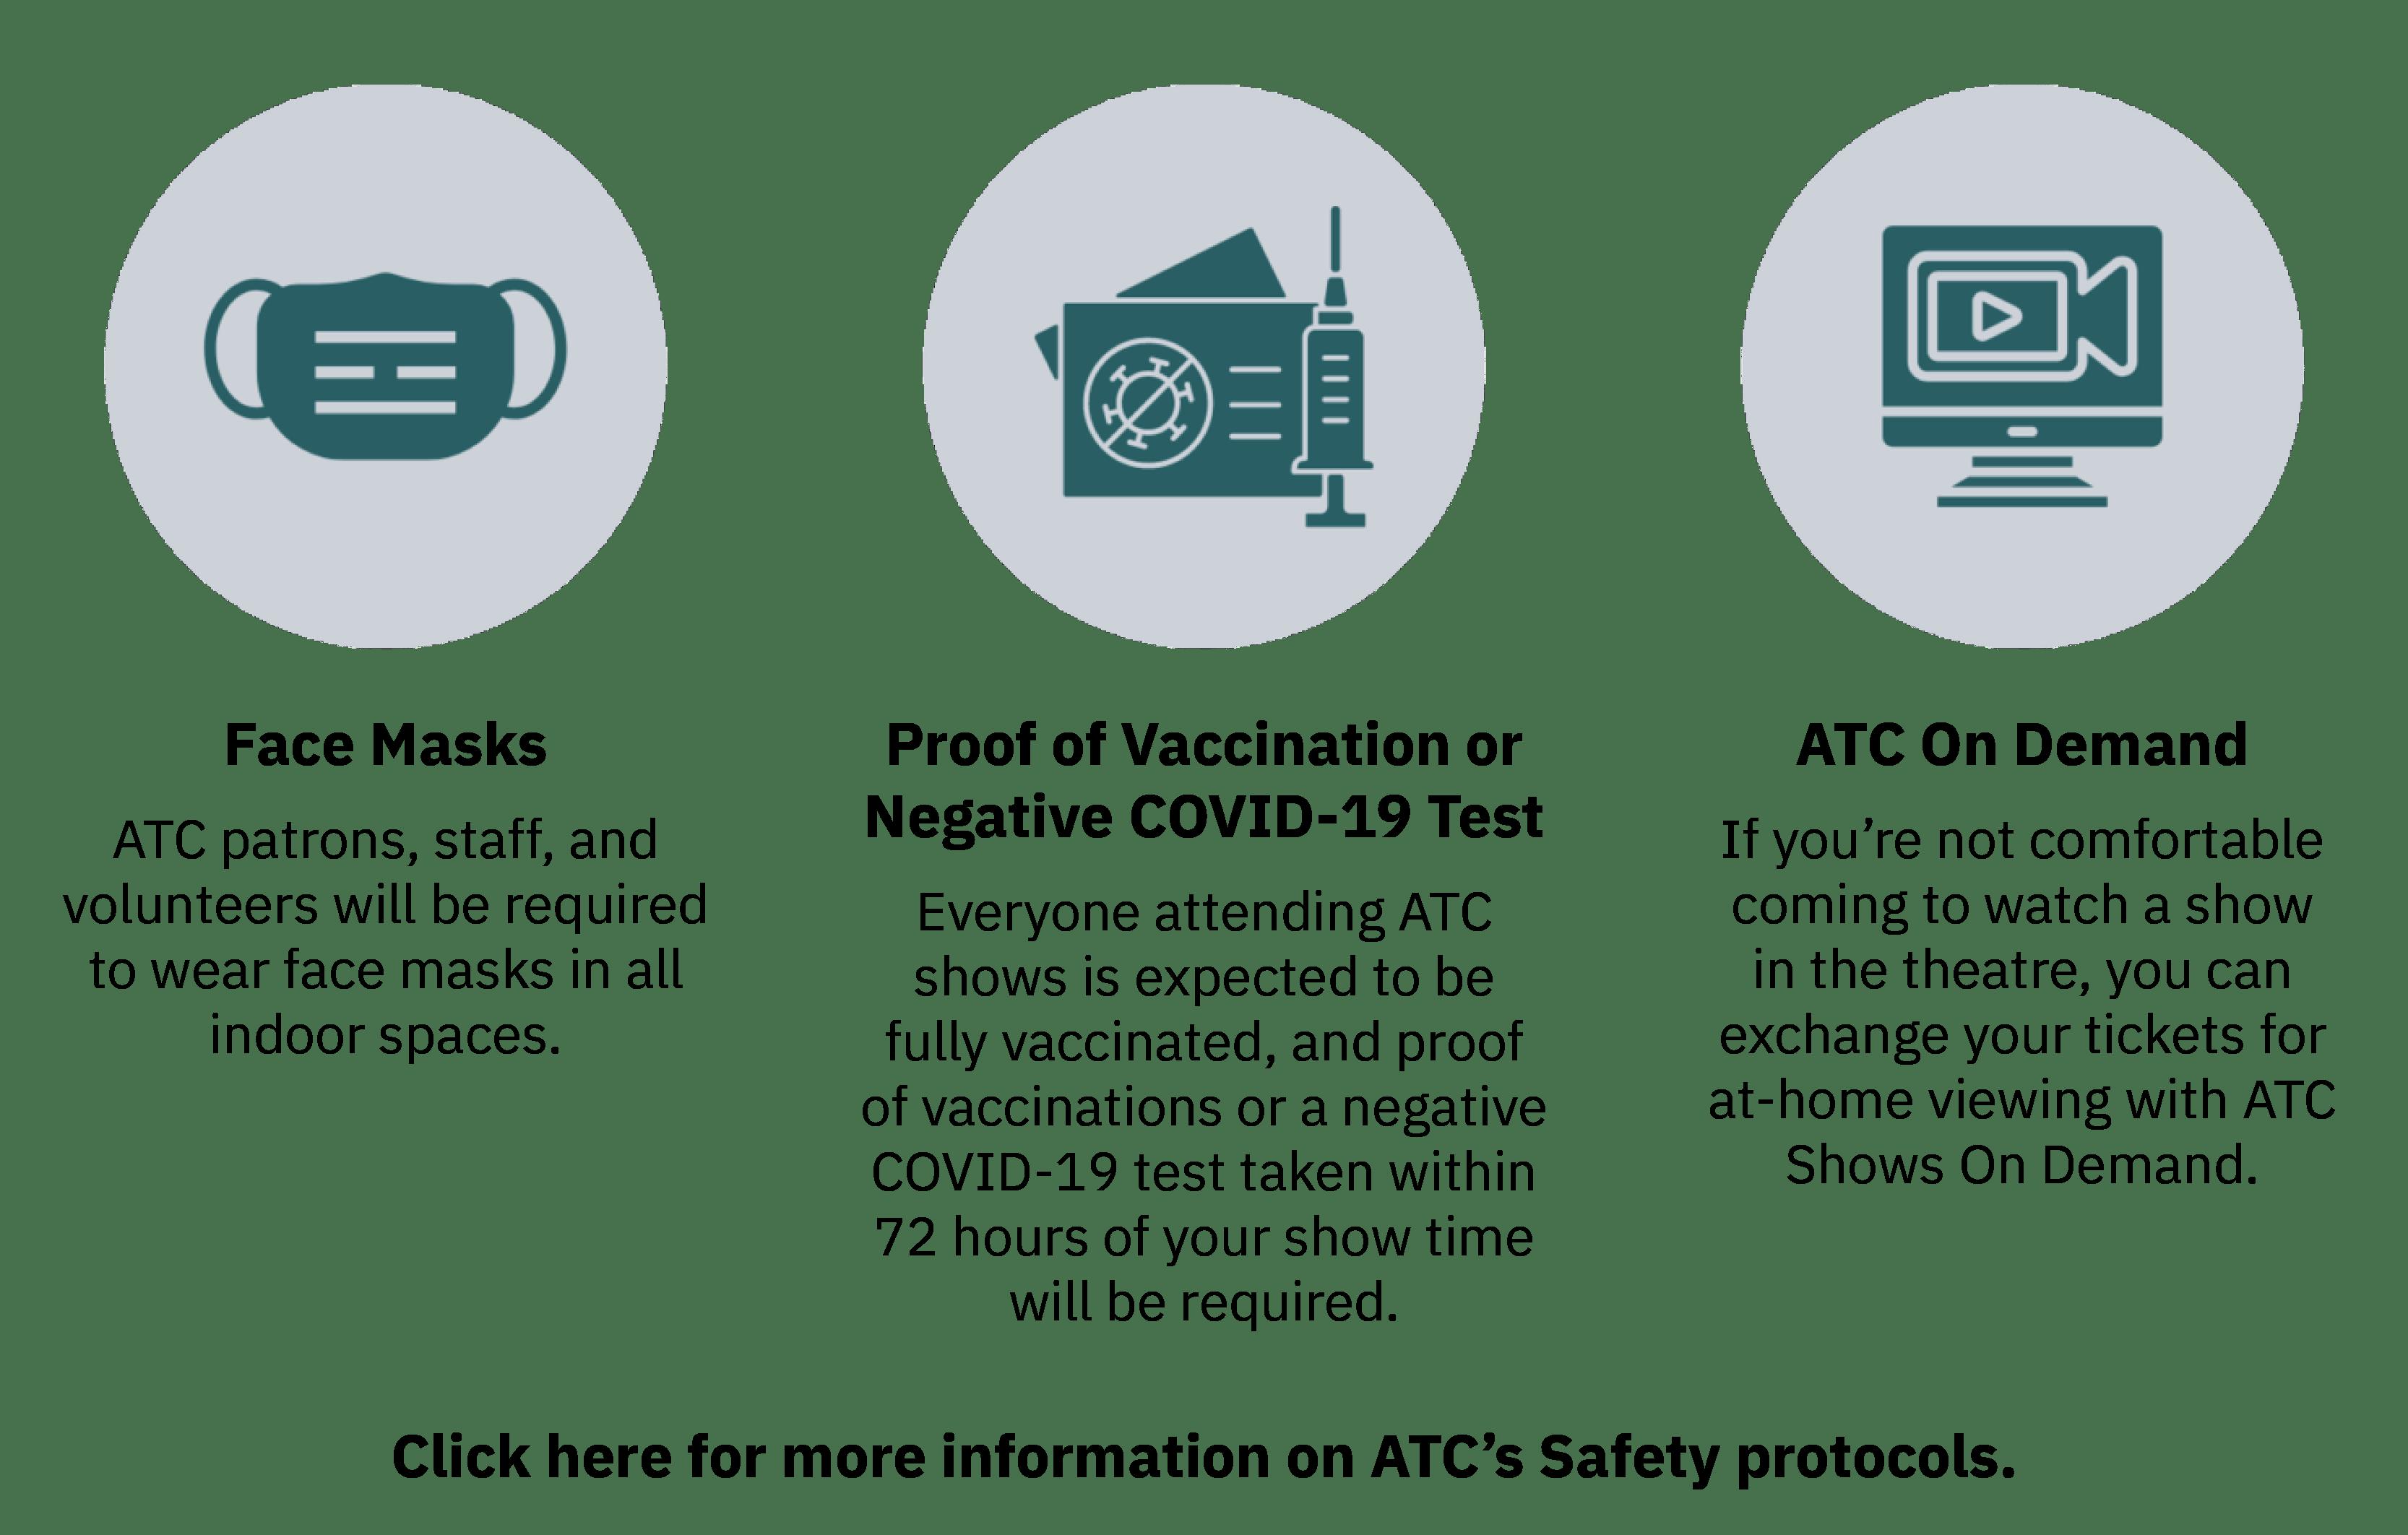 ATC's Safety Protocols